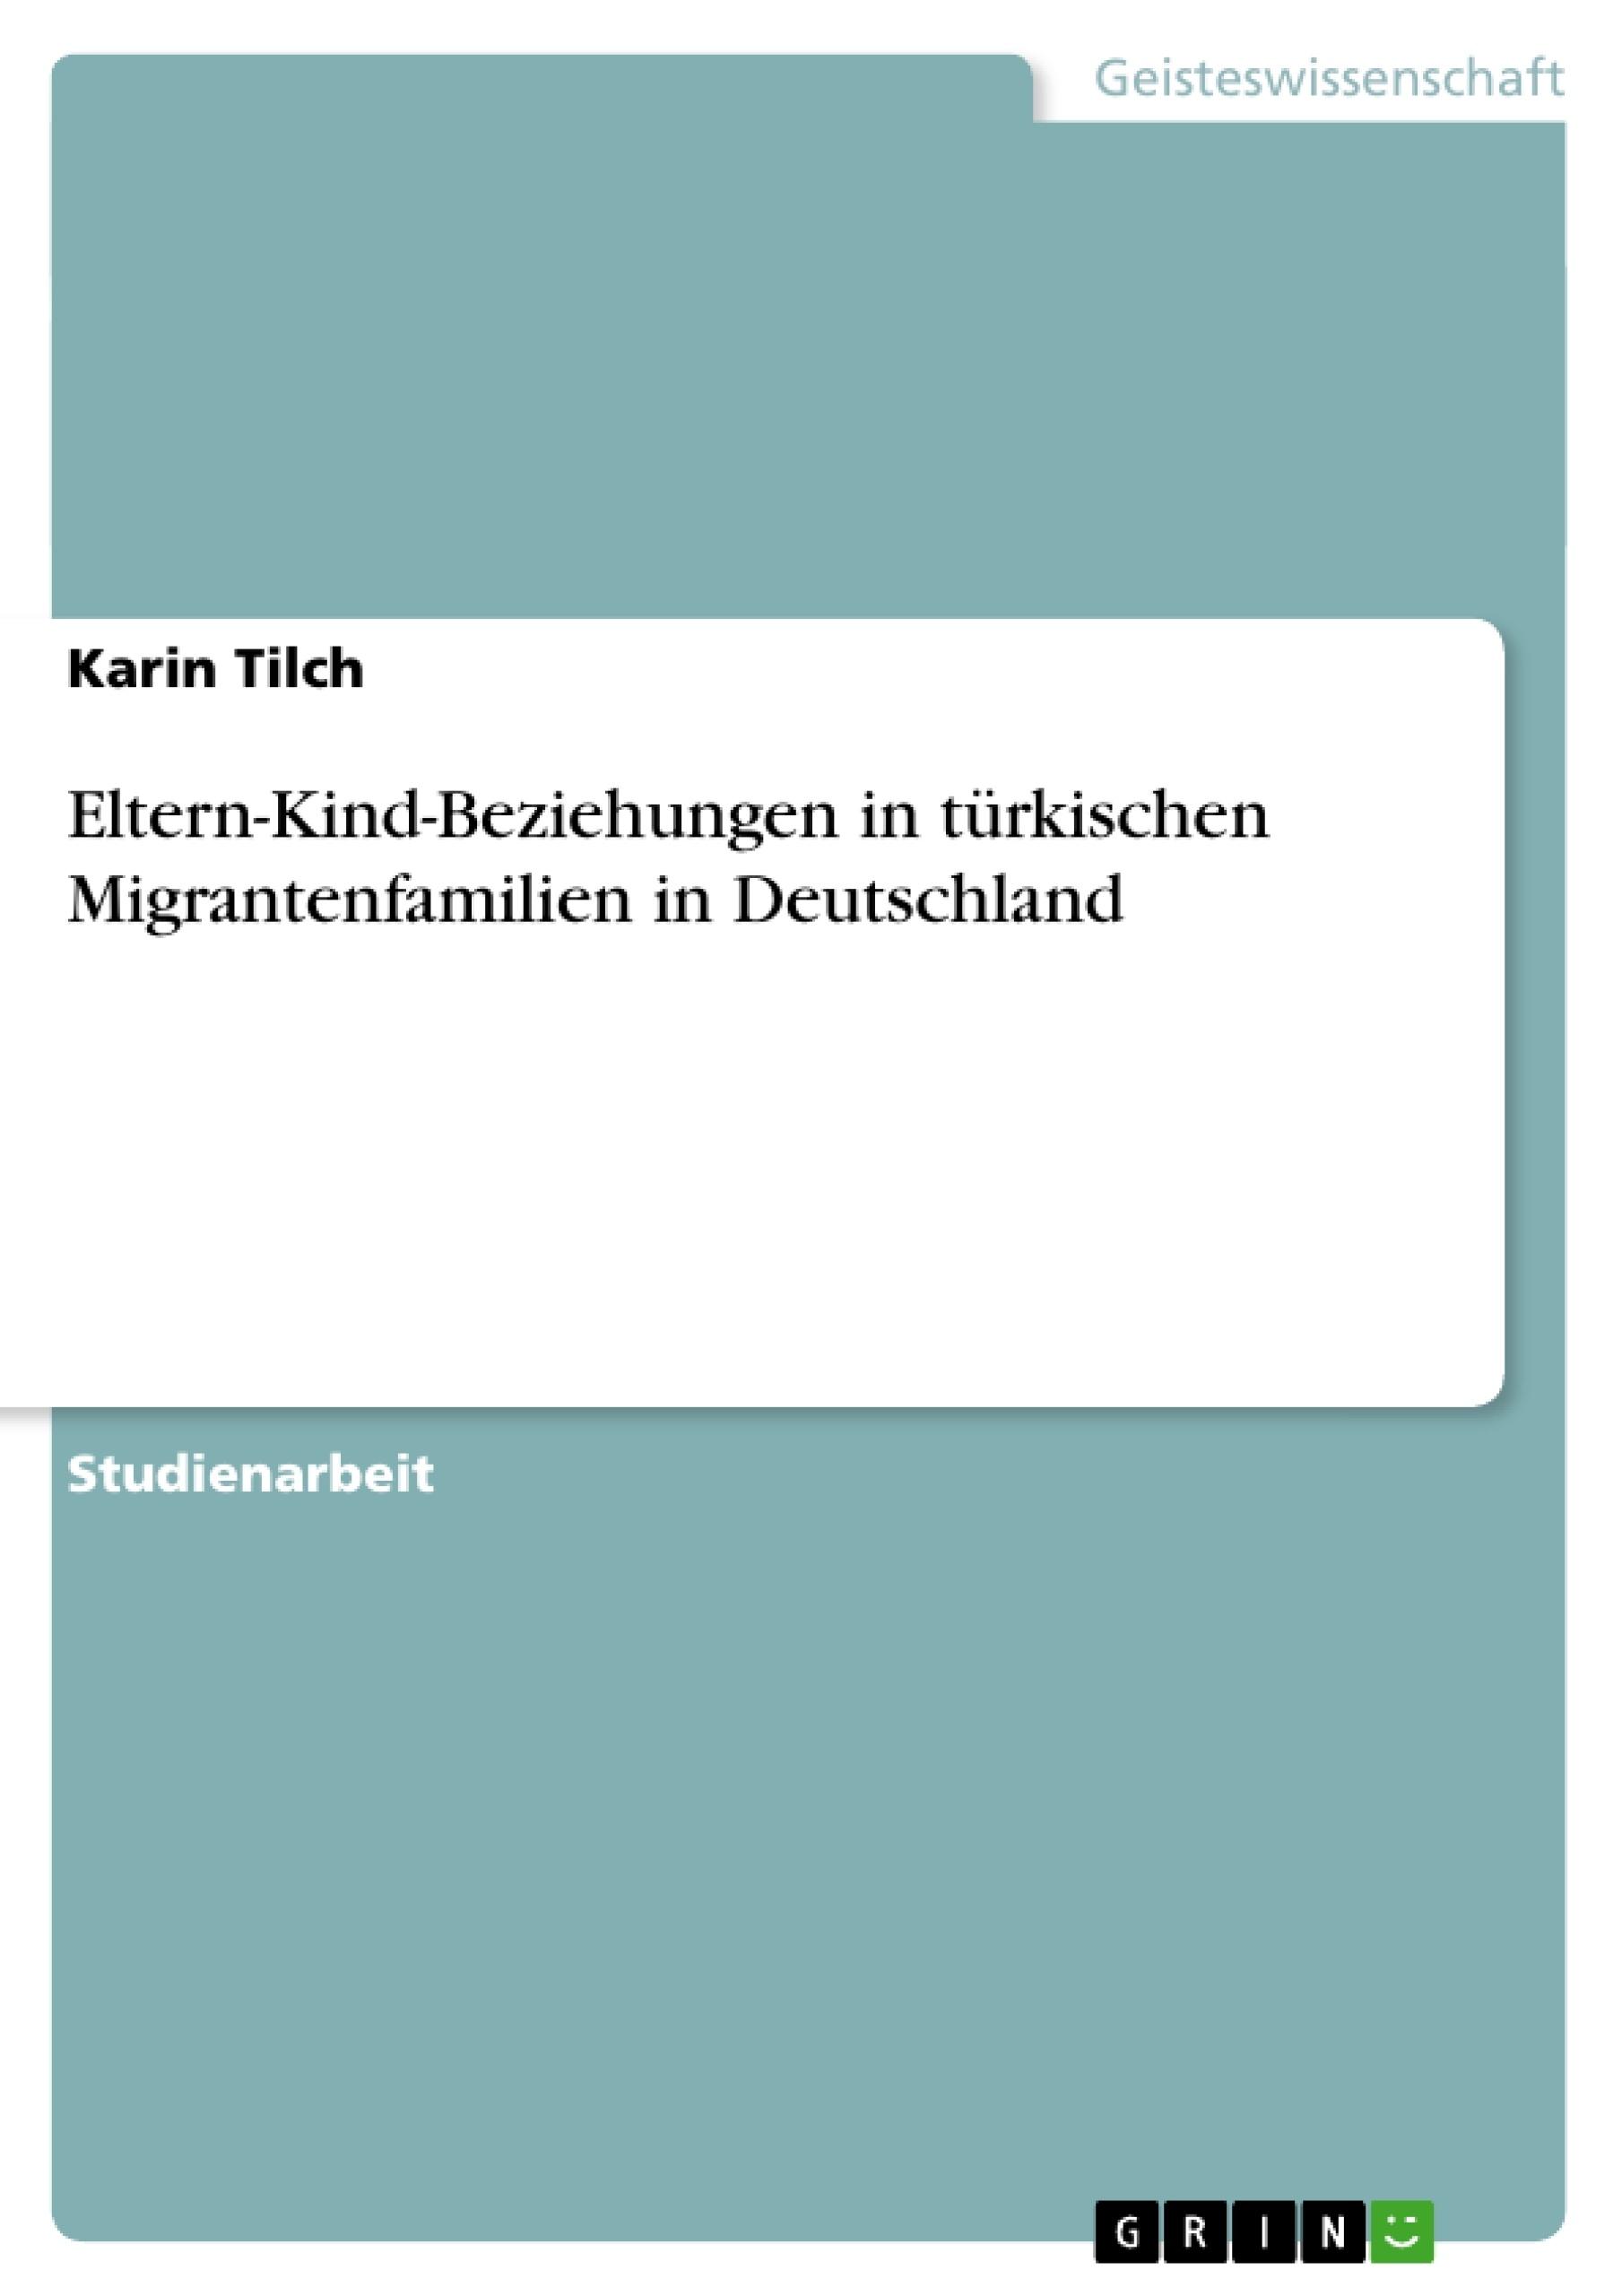 Titel: Eltern-Kind-Beziehungen in türkischen Migrantenfamilien in Deutschland